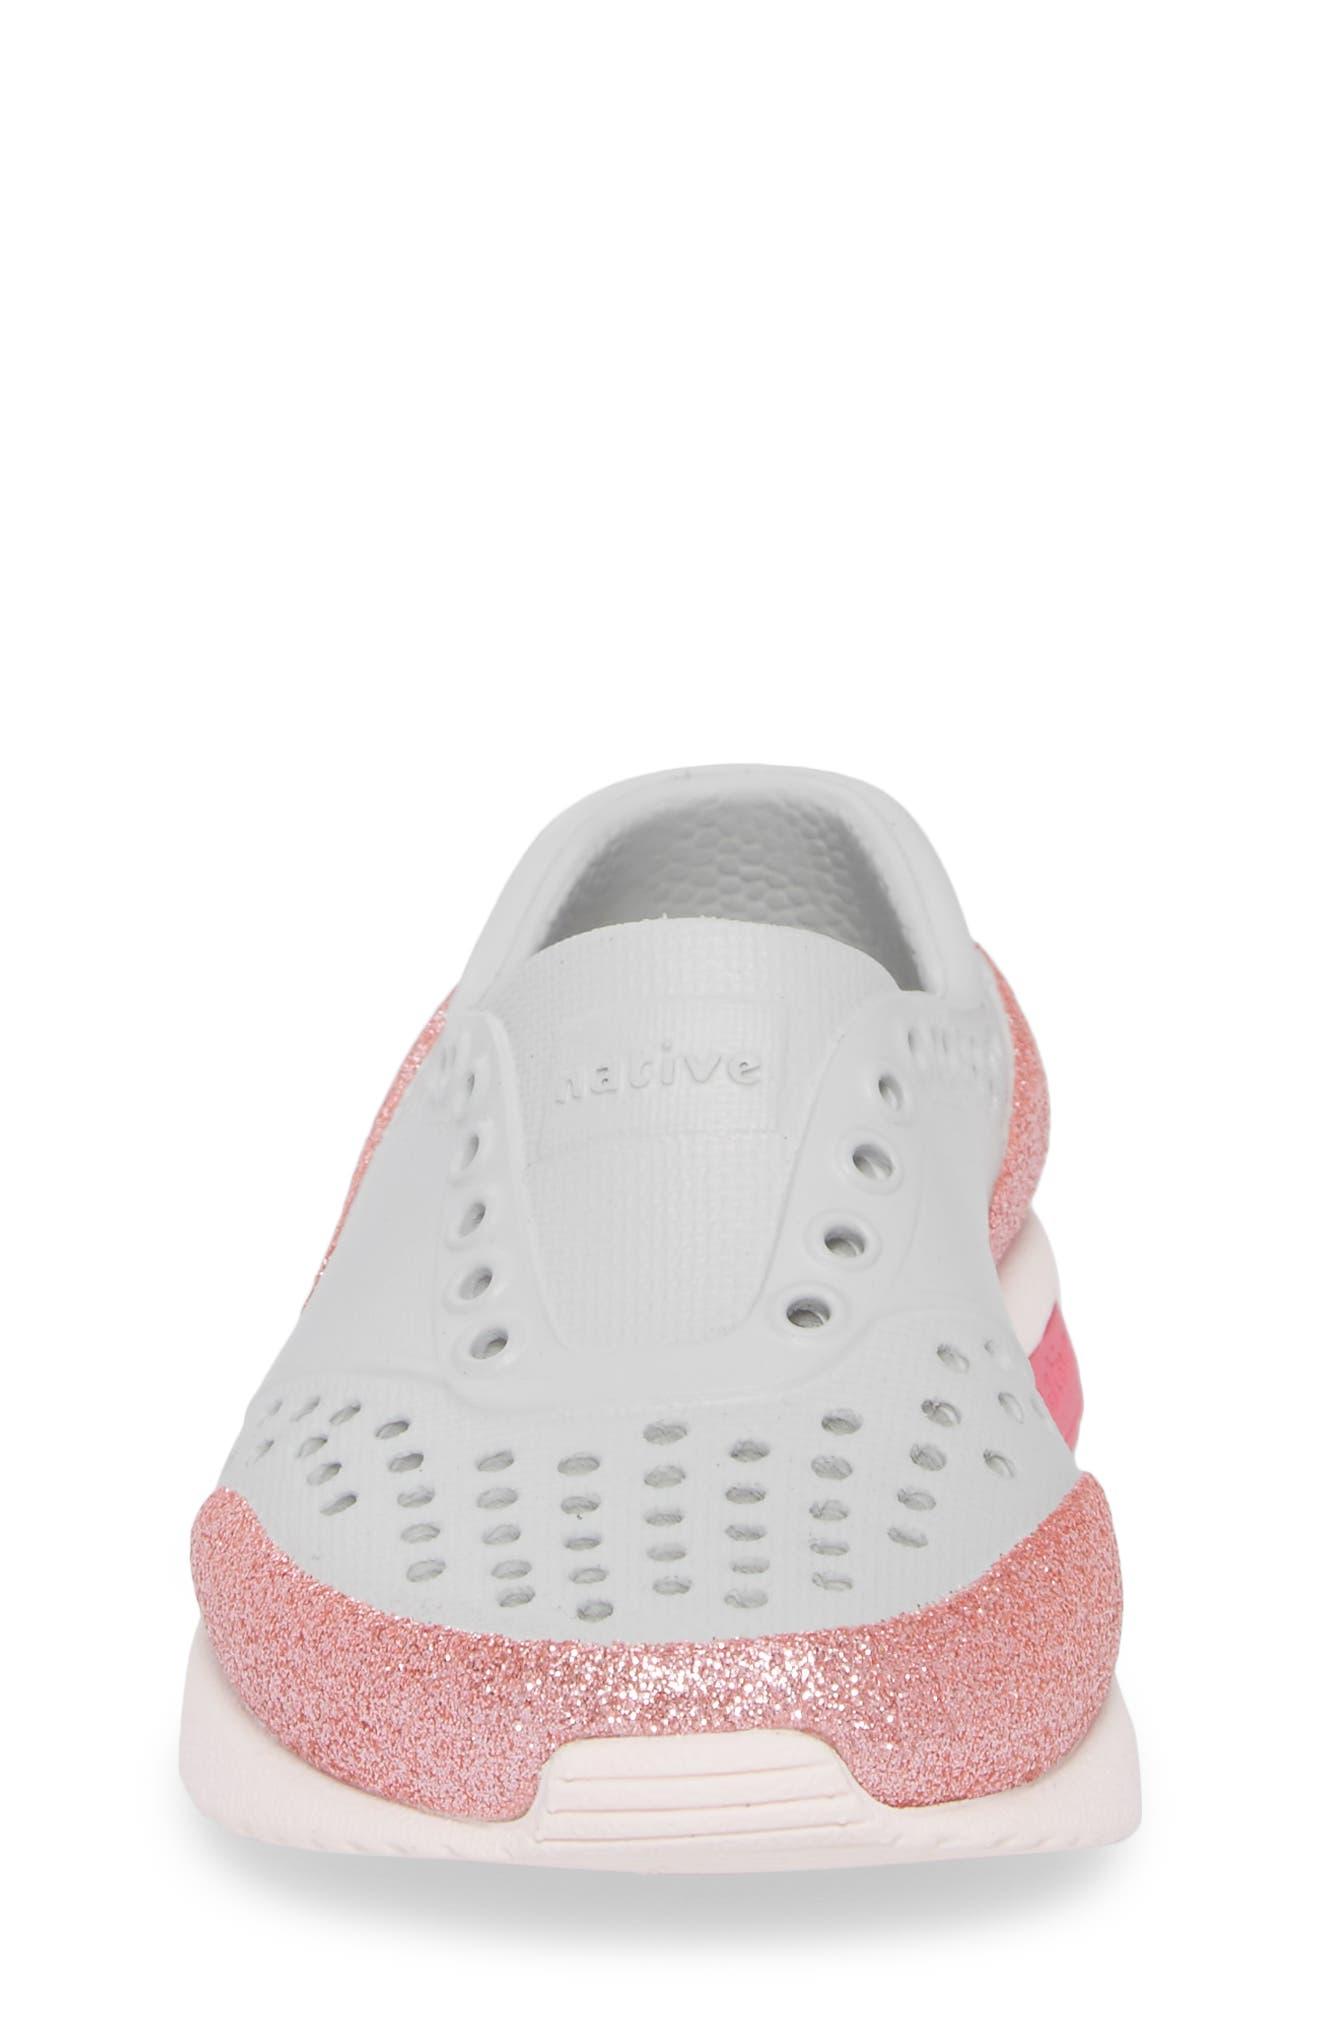 Lennox Glitter Slip-On Sneaker,                             Alternate thumbnail 4, color,                             Mist Grey/ Milk Pink/ Glitter